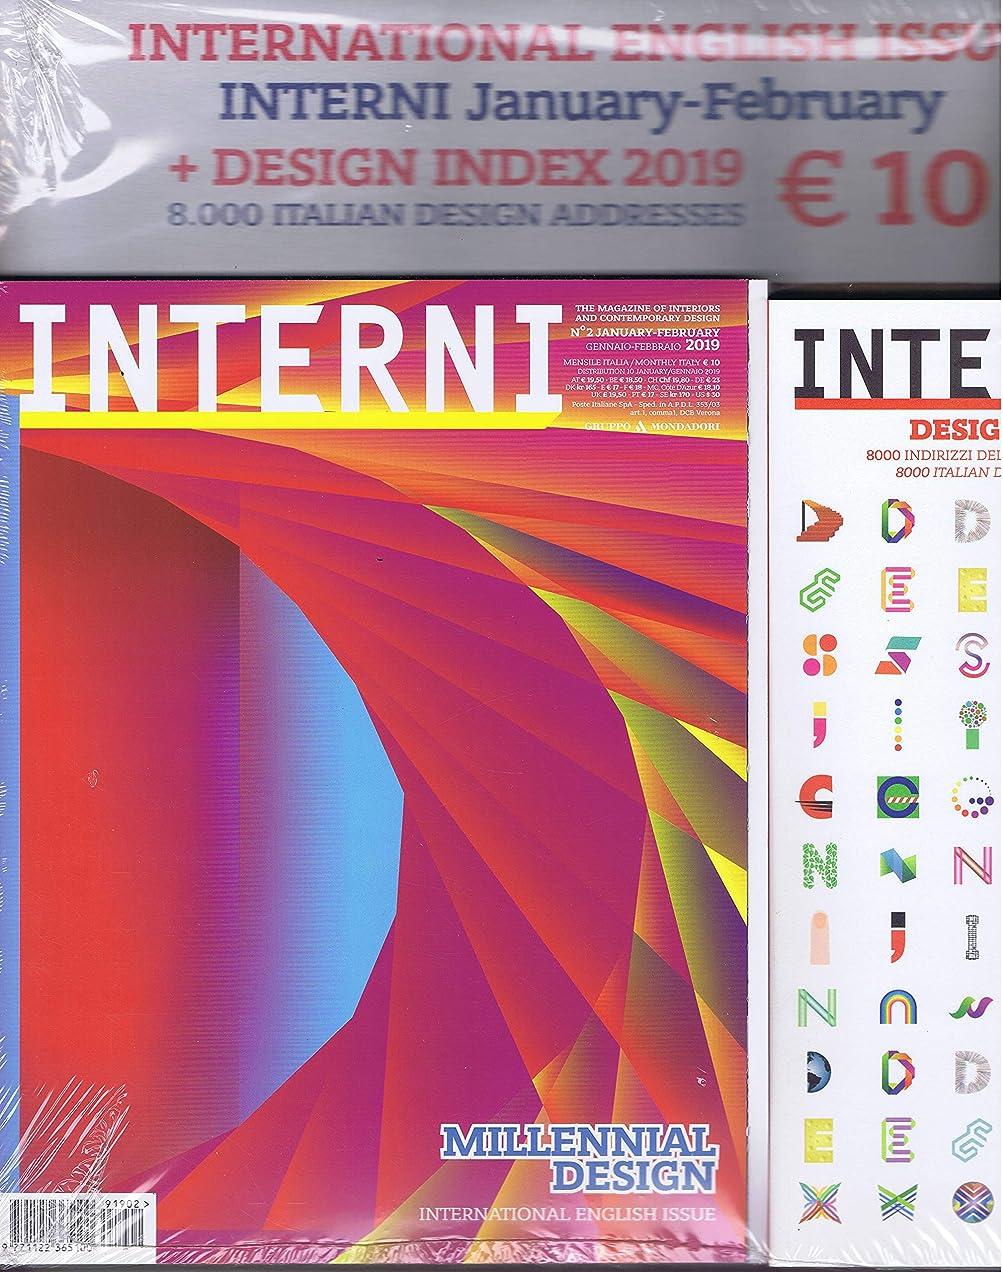 サイレンジャンク生活Interni [IT] No. 2 J - F 2019 (単号)